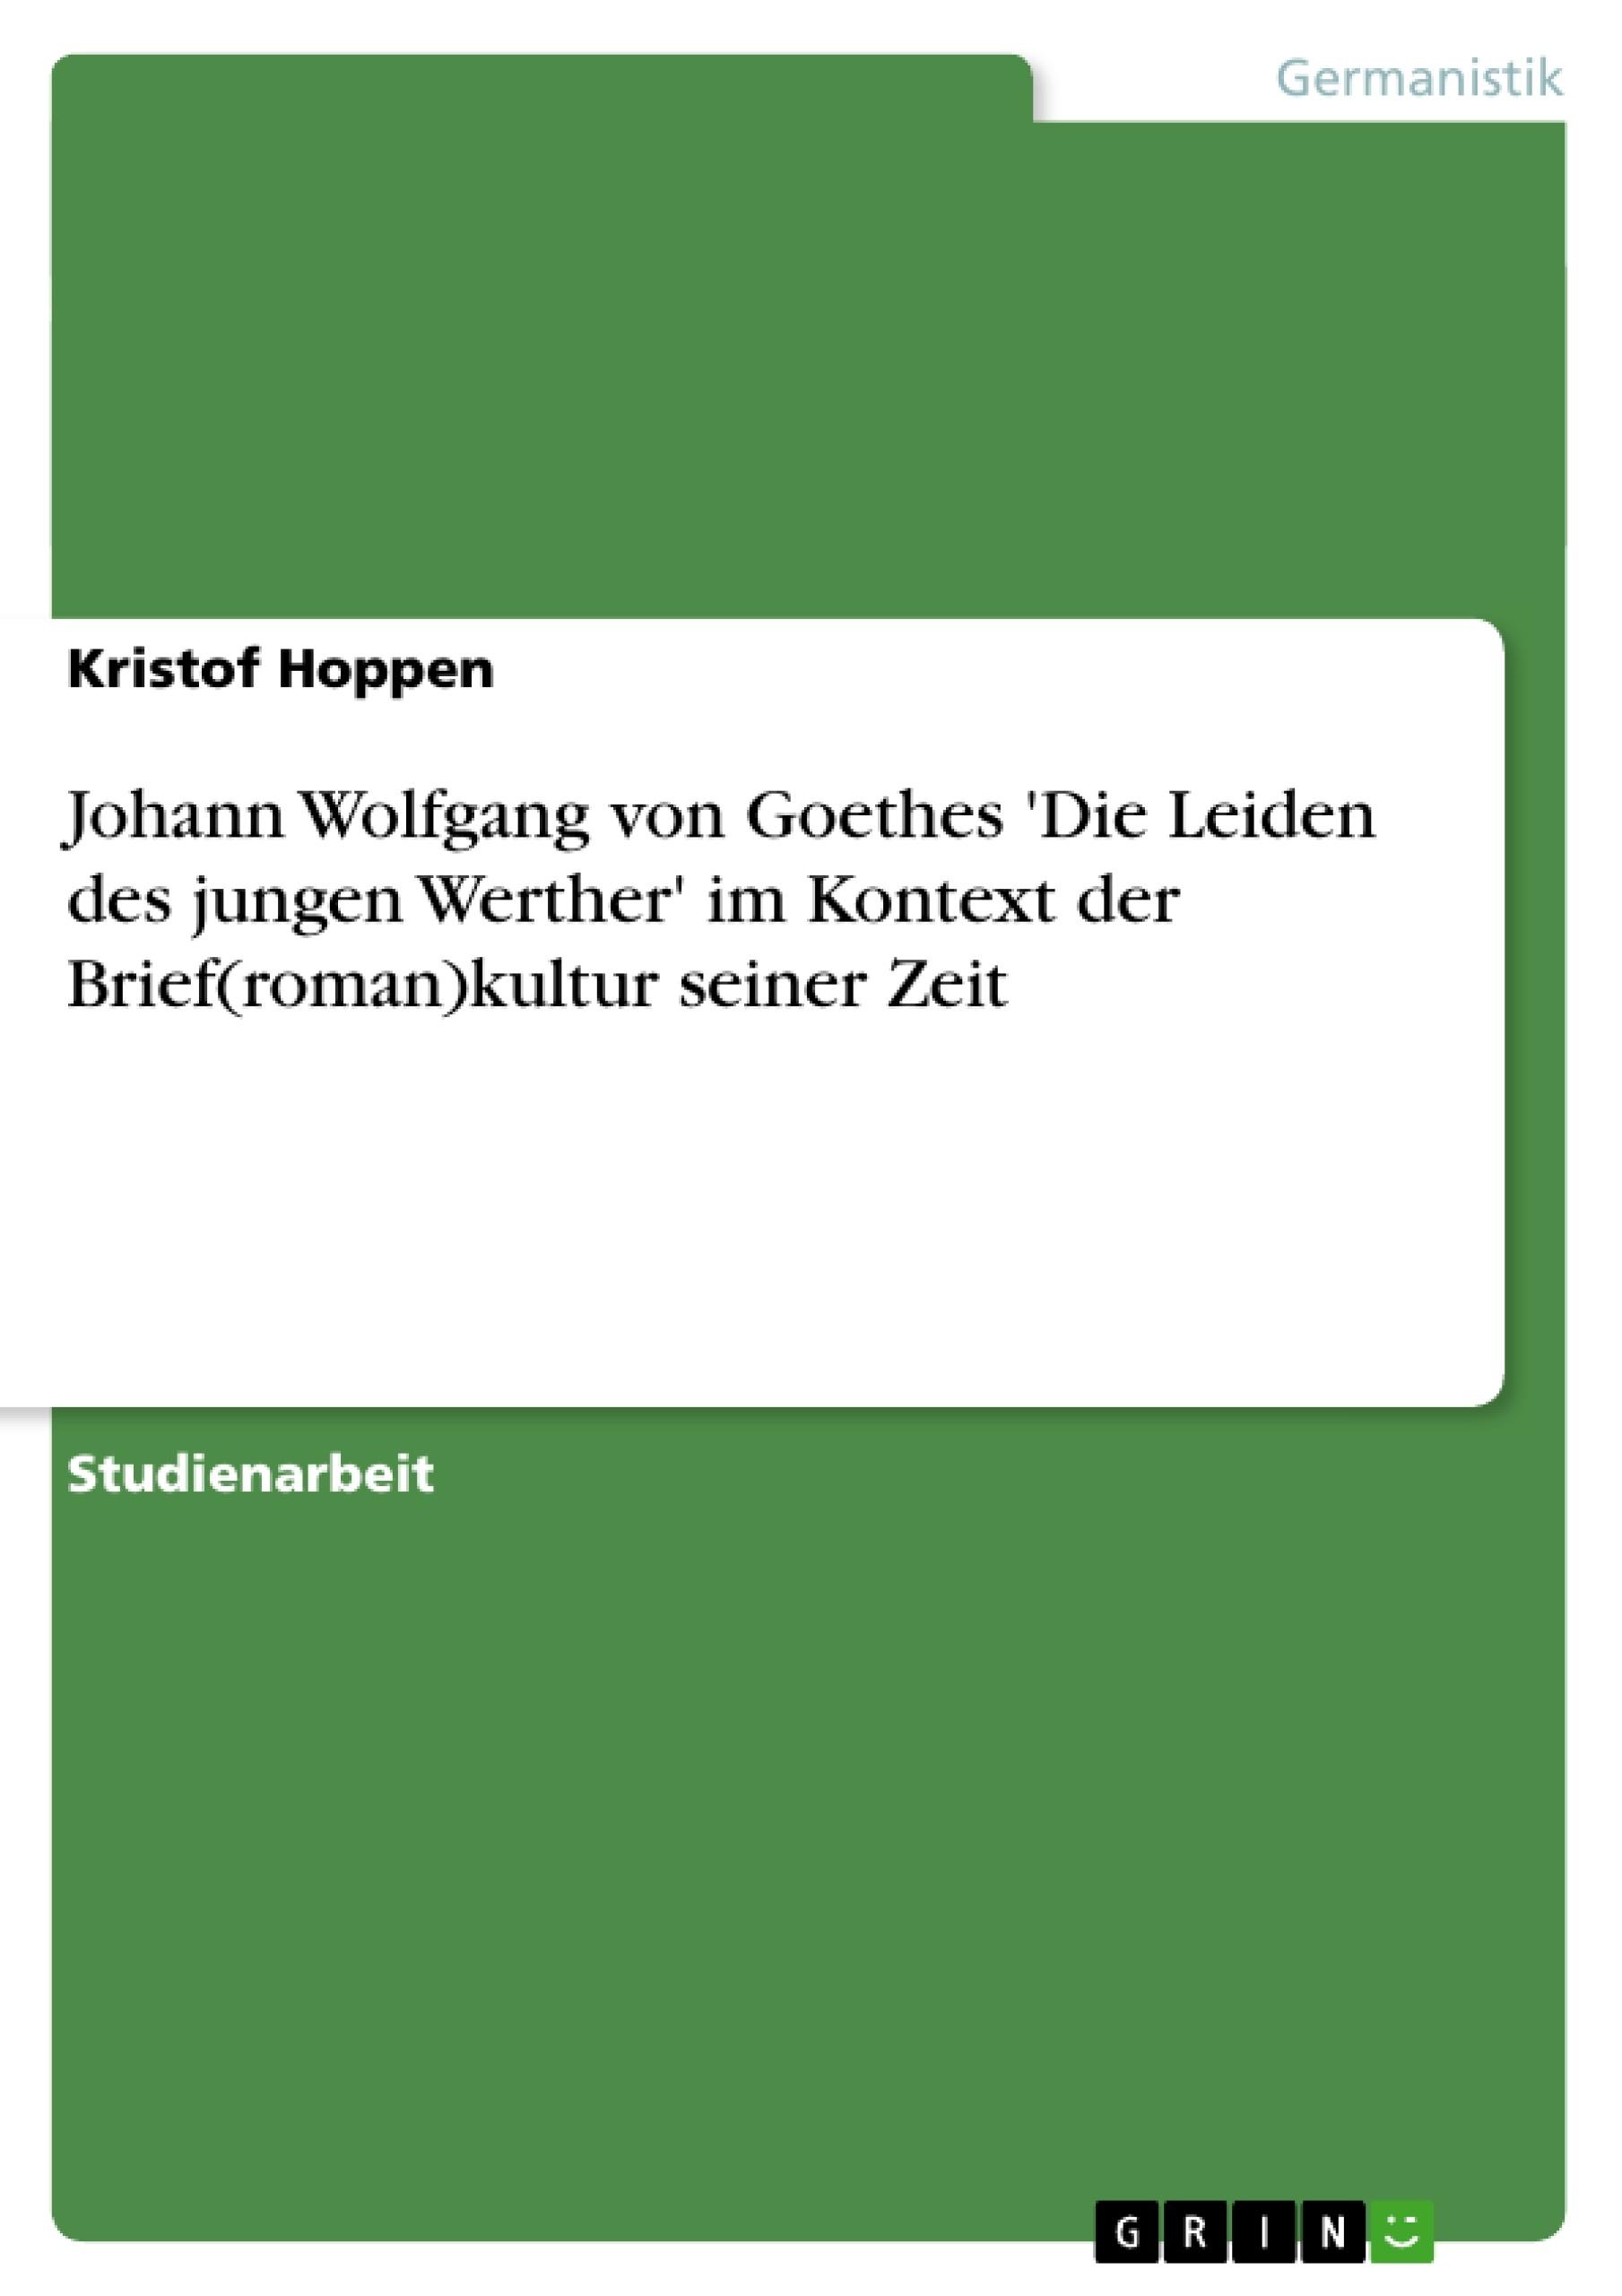 Titel: Johann Wolfgang von Goethes 'Die Leiden des jungen Werther' im Kontext der Brief(roman)kultur seiner Zeit